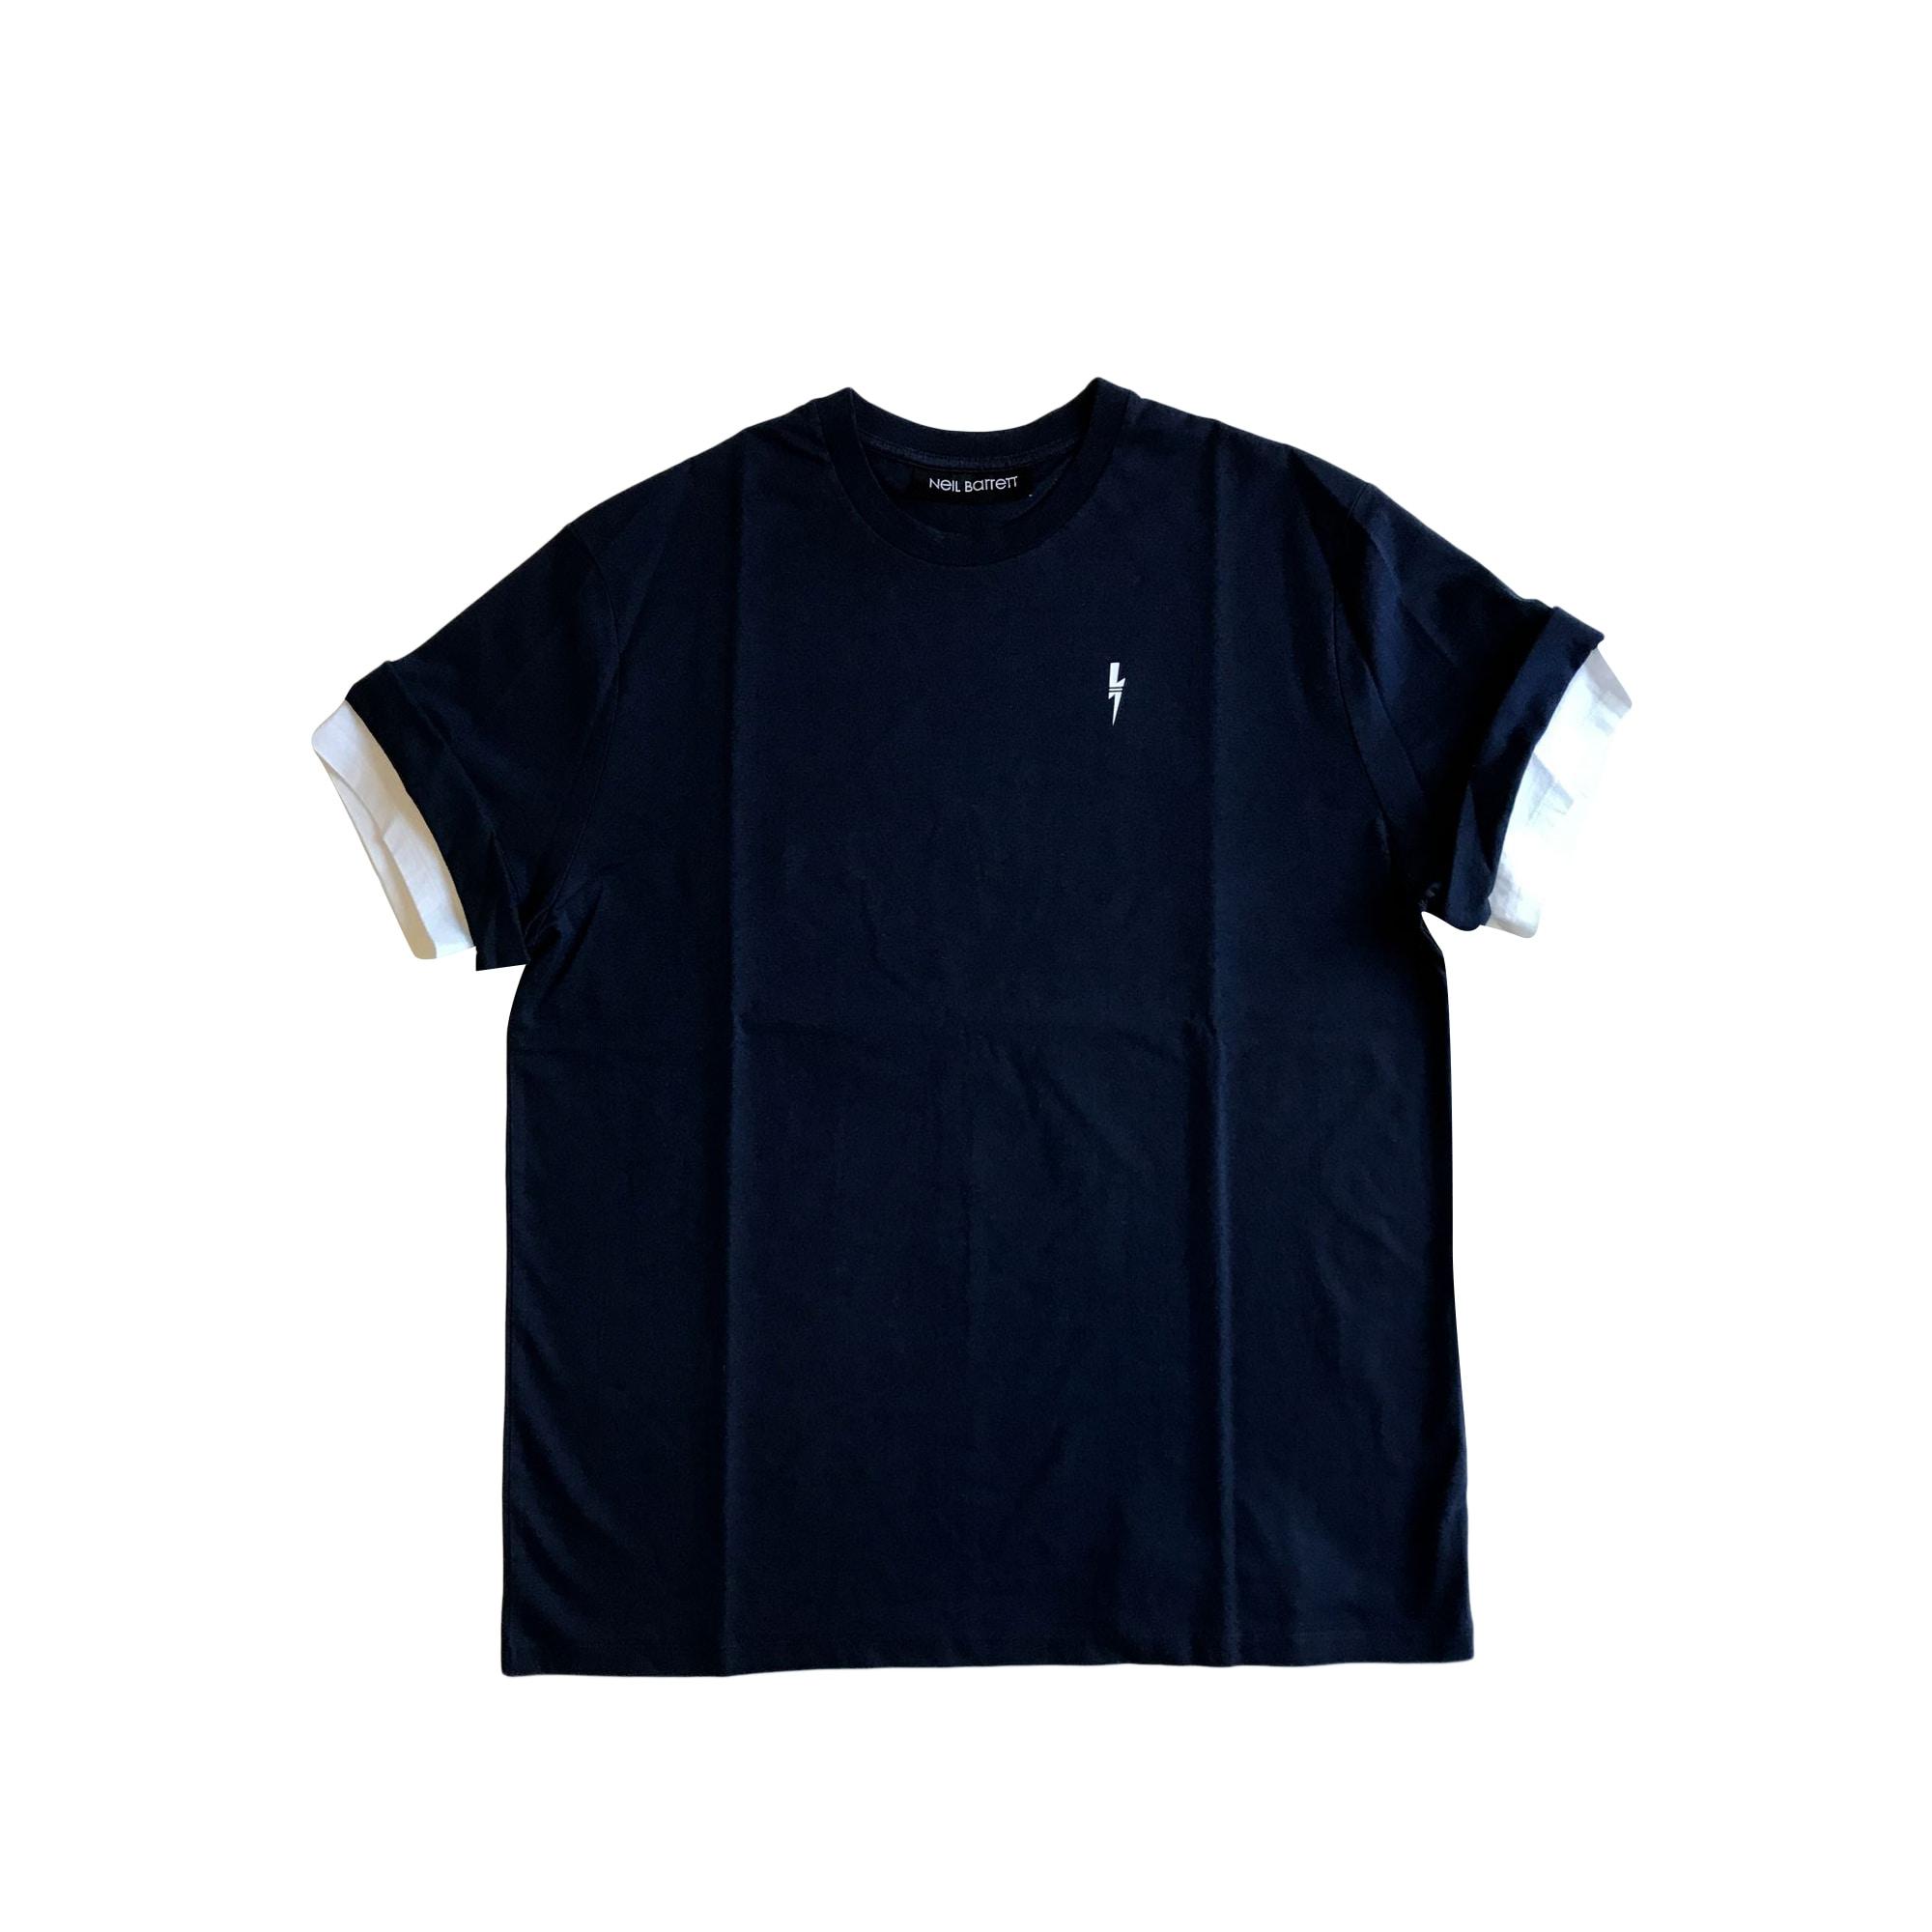 Tee-shirt NEIL BARRETT Bleu, bleu marine, bleu turquoise